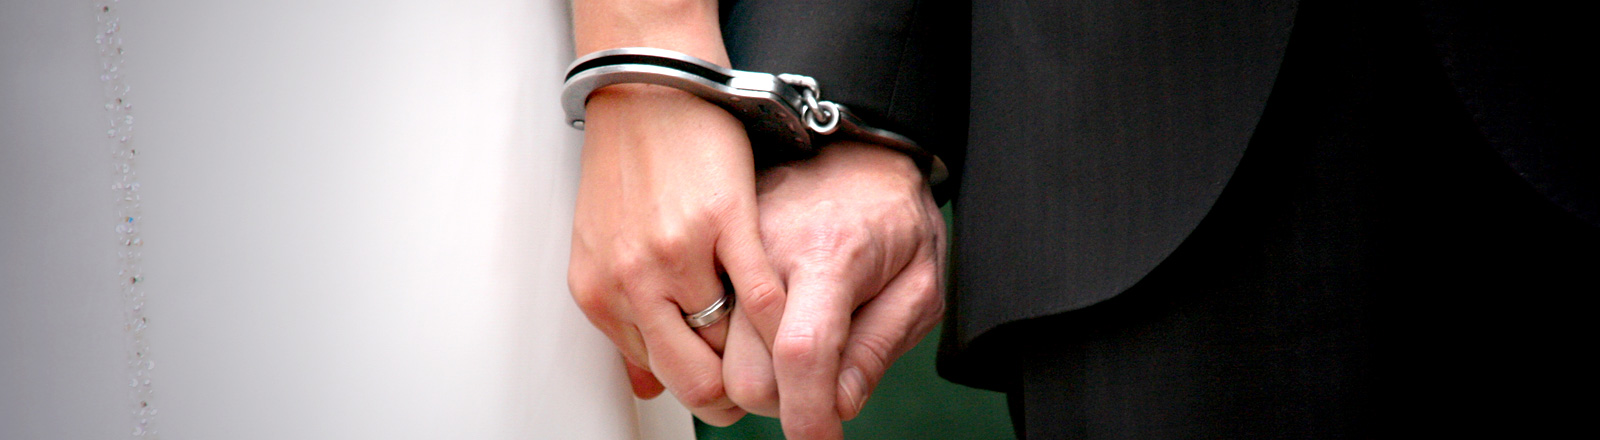 Braut und Bräutigam in Handschellen